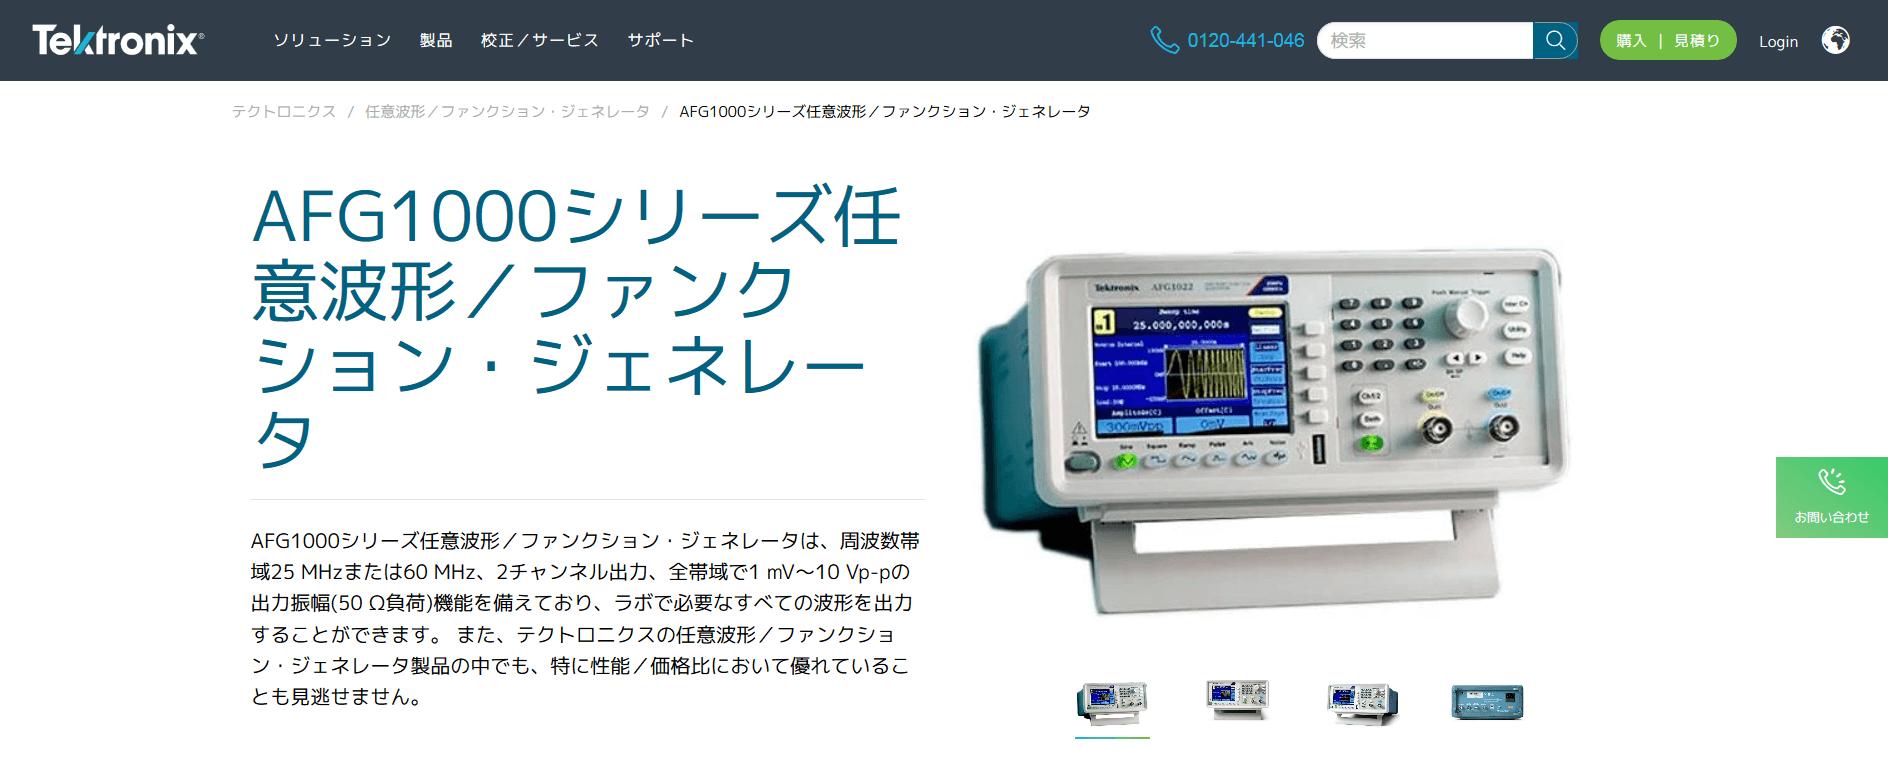 AFG1000シリーズ任意波形/ファンクション・ジェネレータ